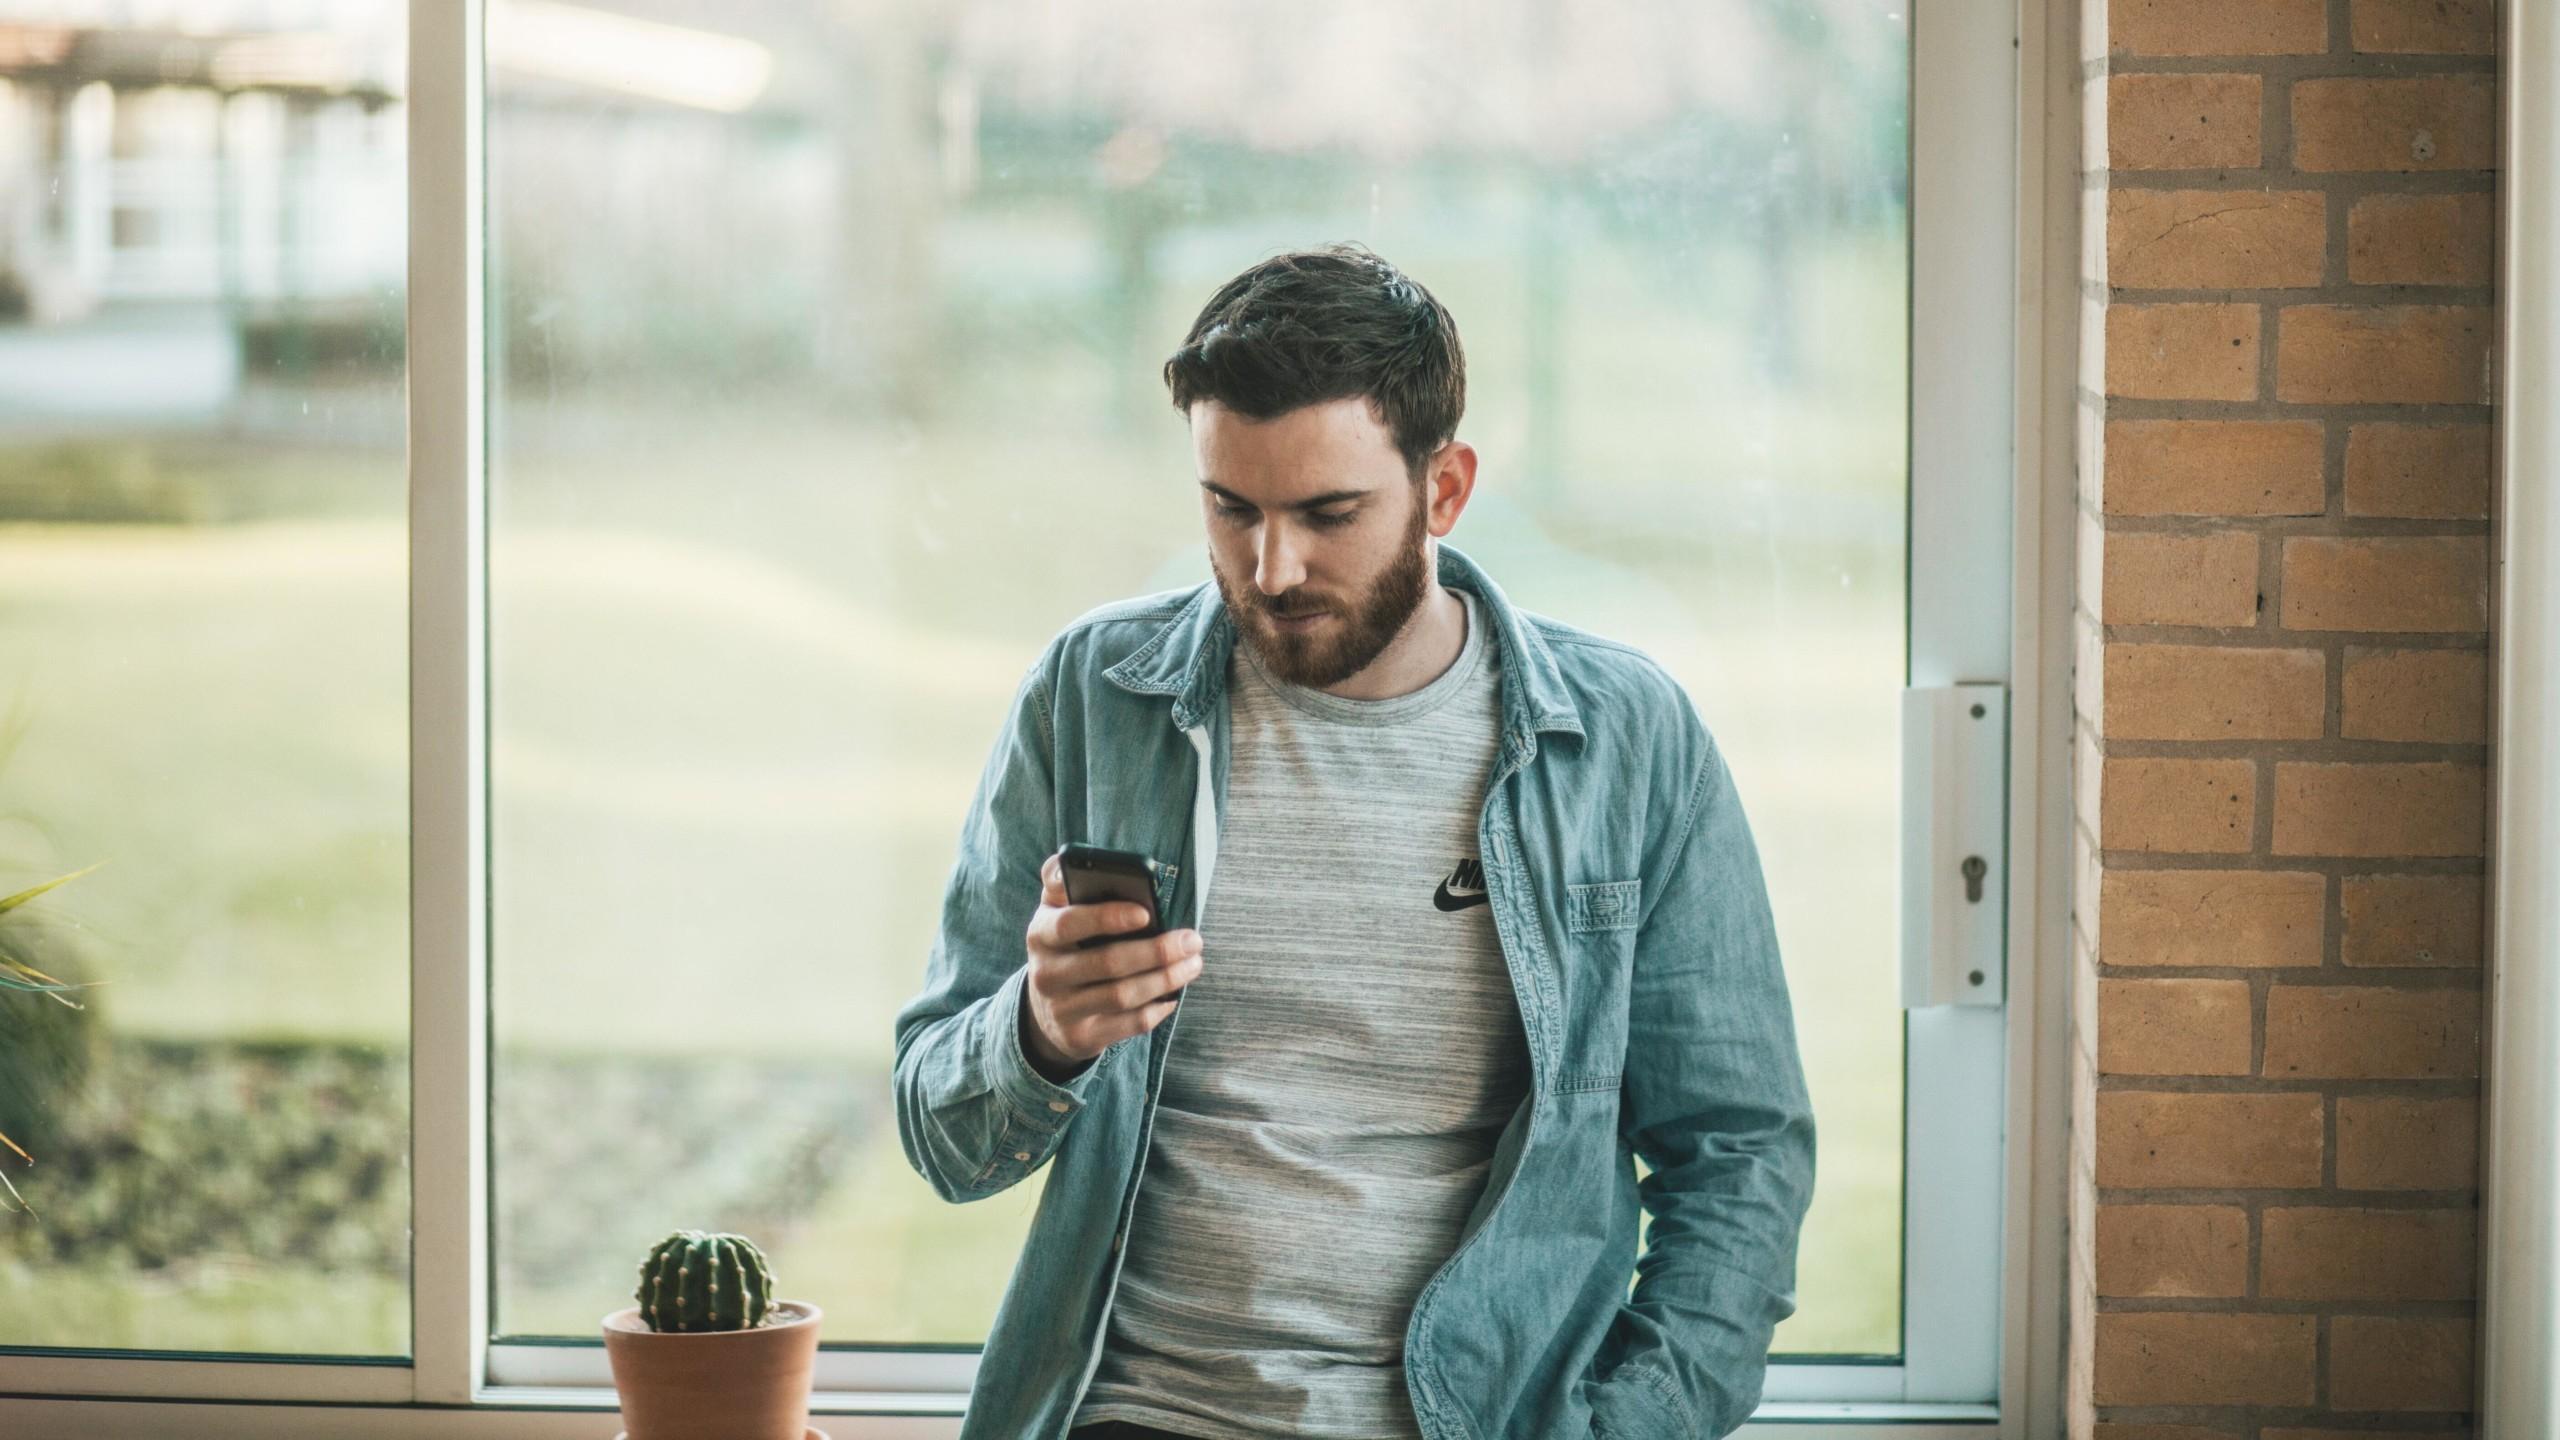 RED by SFR prolonge l'offre pour son forfait mobile 80 Go à 14 euros